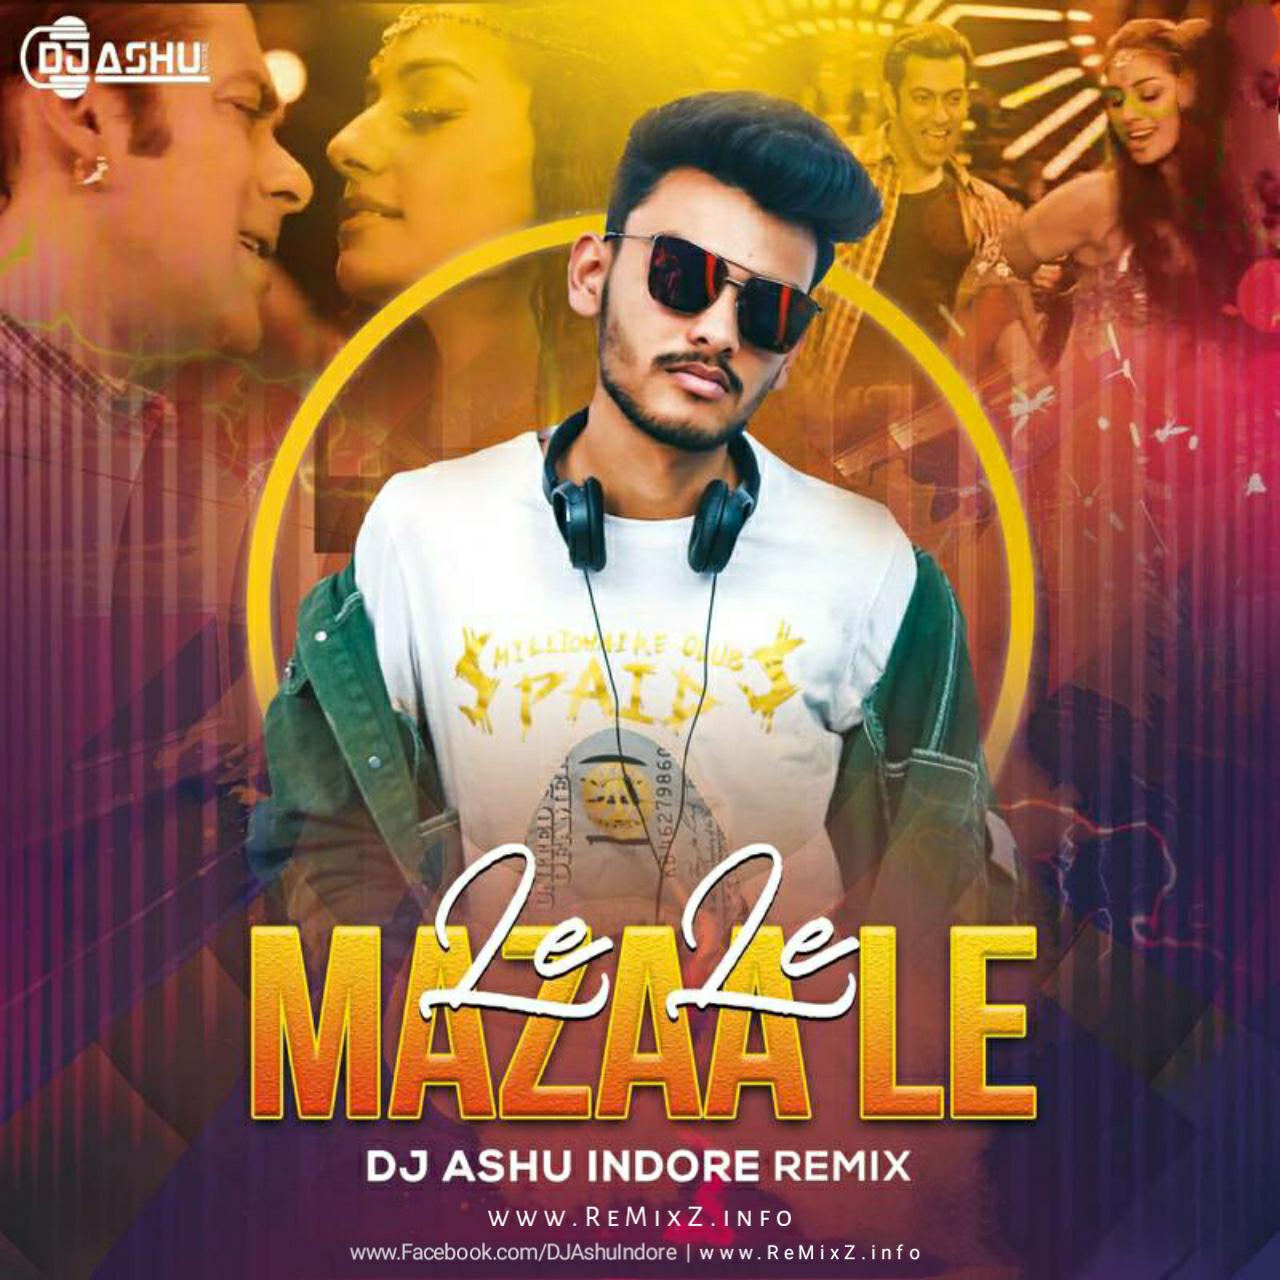 le-le-mazaa-le-remix-dj-ashu-indore.jpg